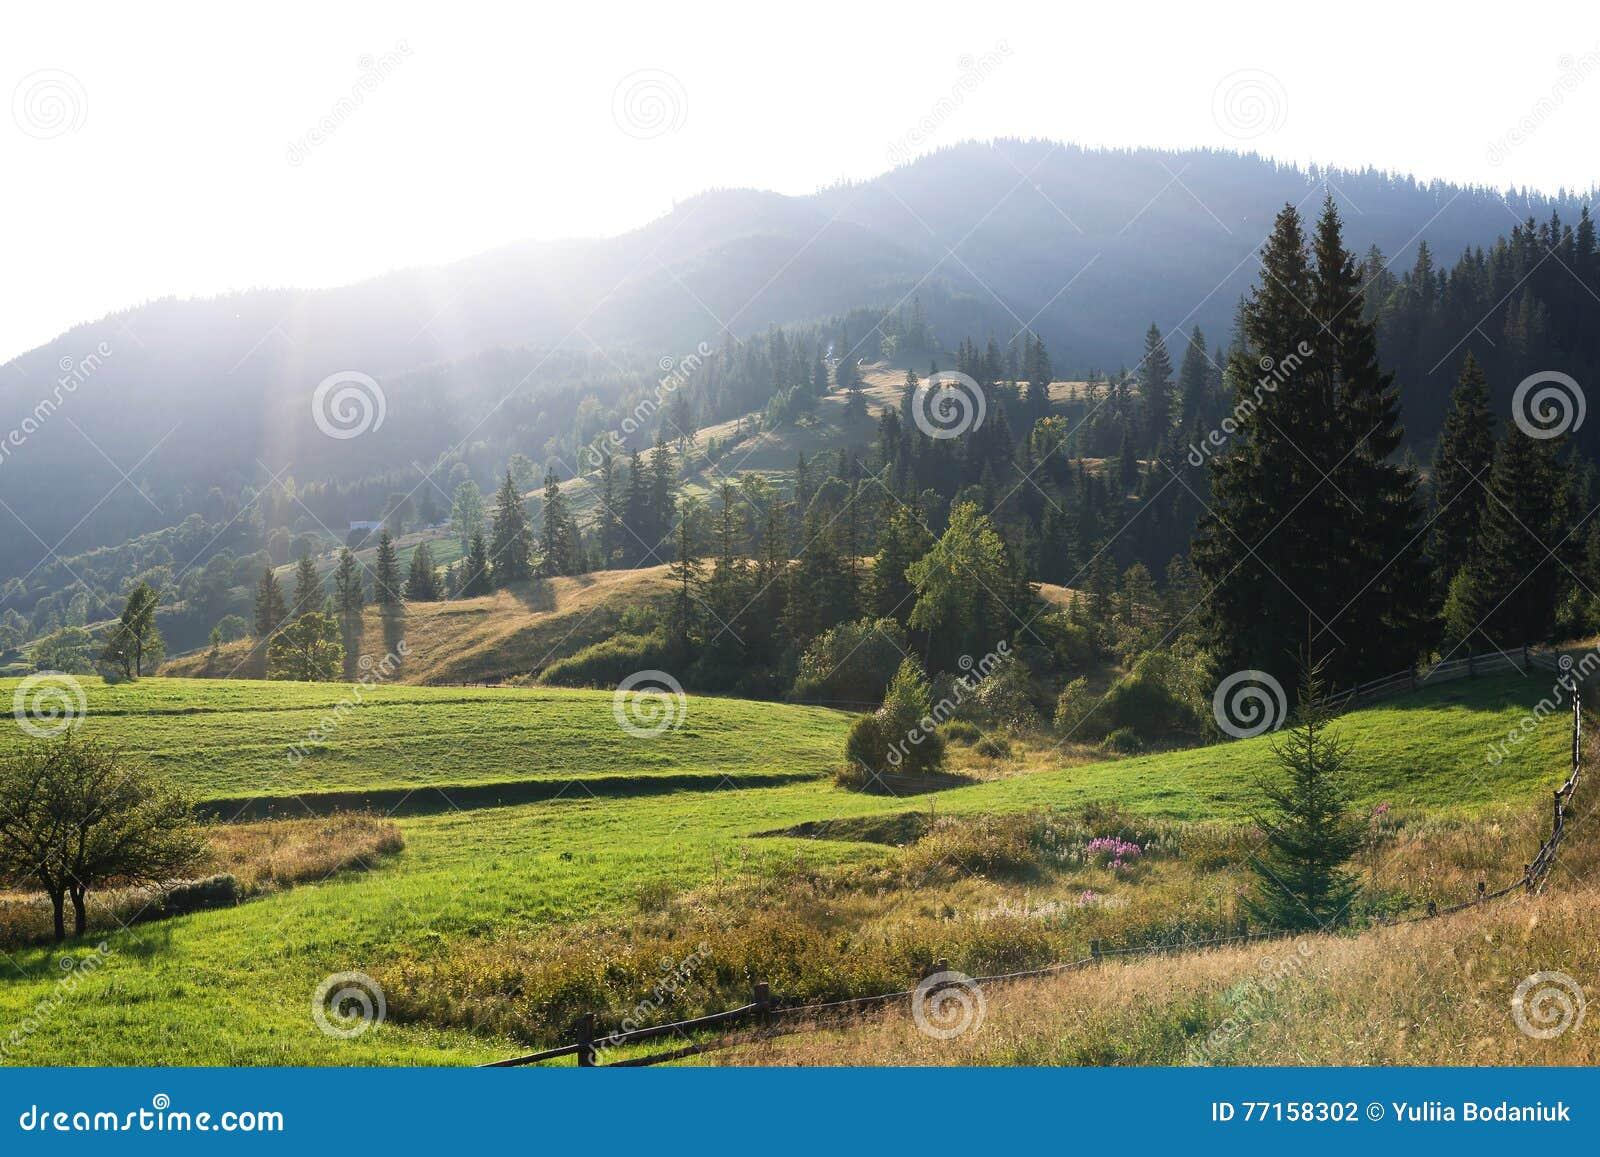 Crêtes de montagne, forêt conifére et pré vert